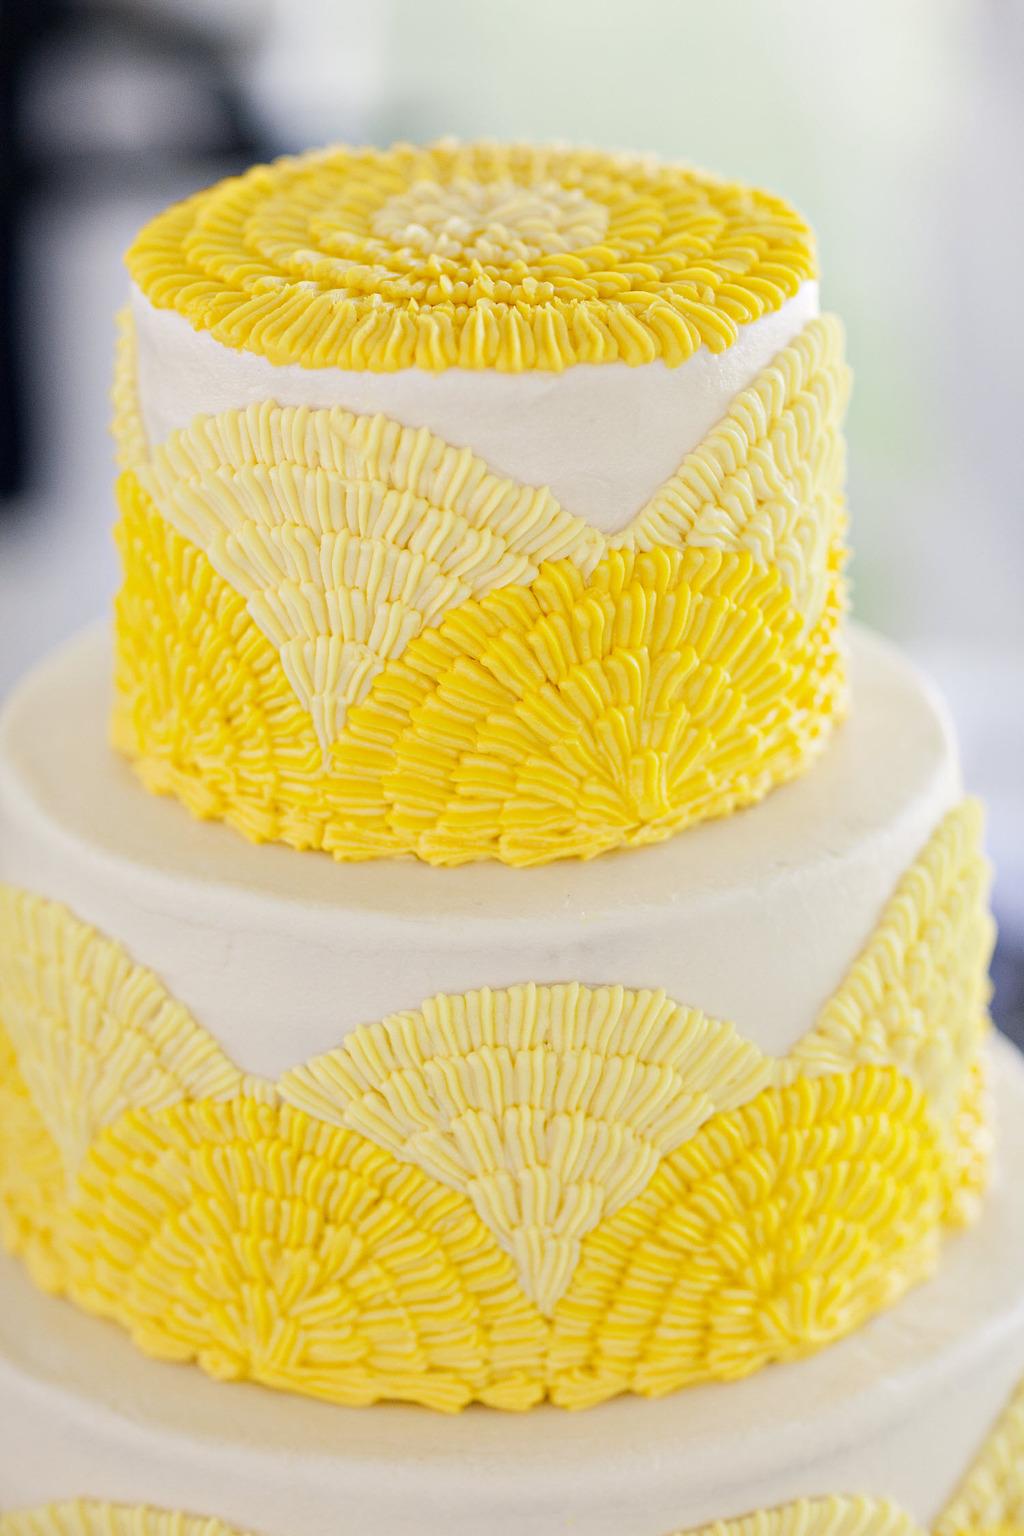 Bright yellow and white classic wedding cake